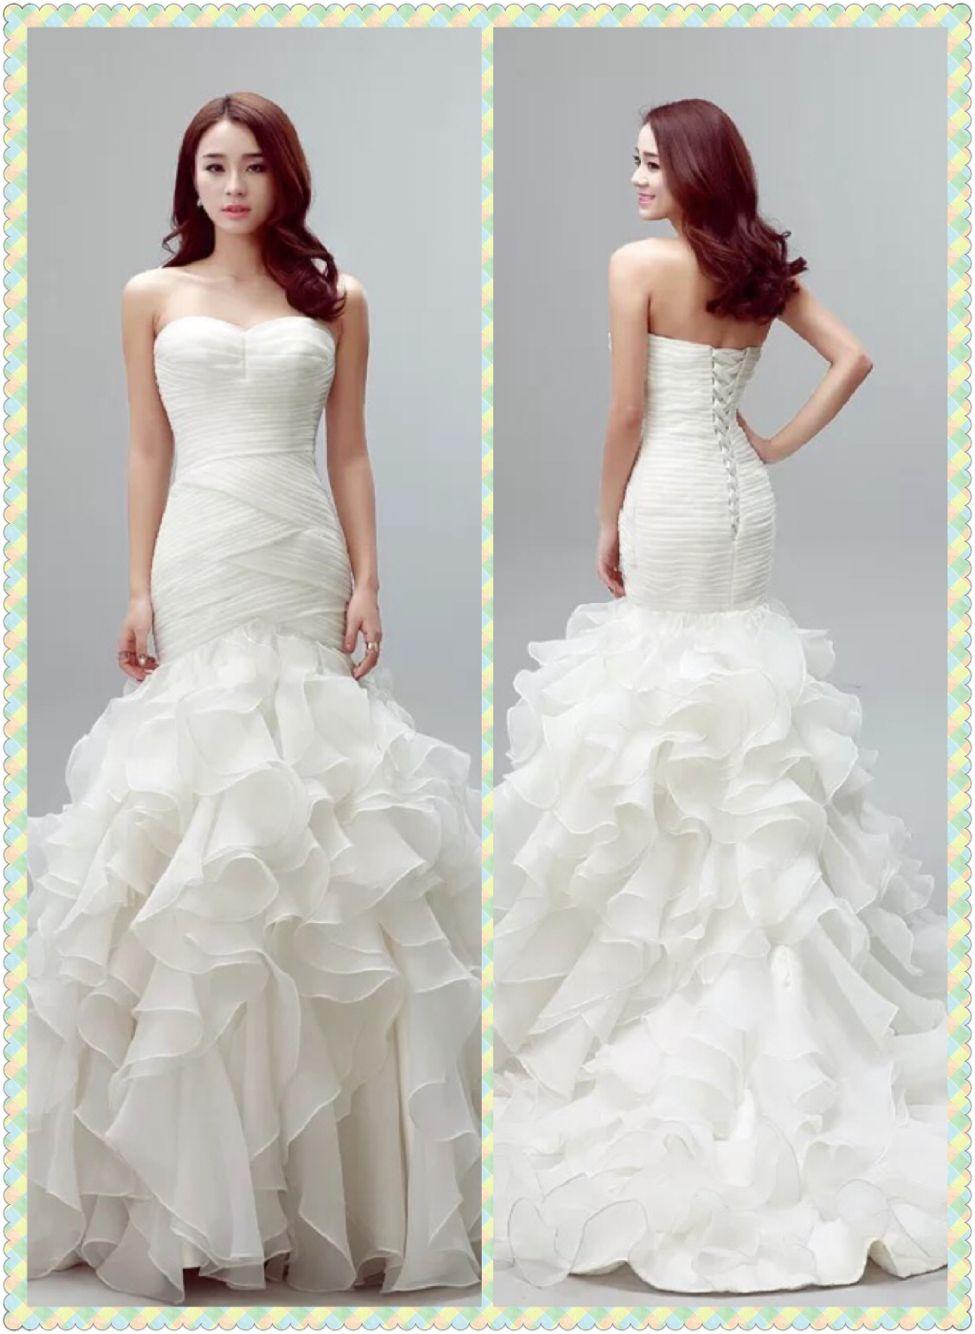 Sexy mermaid sweetheart neckline riches bodice organza ruffled bottom bridal wedding dresses